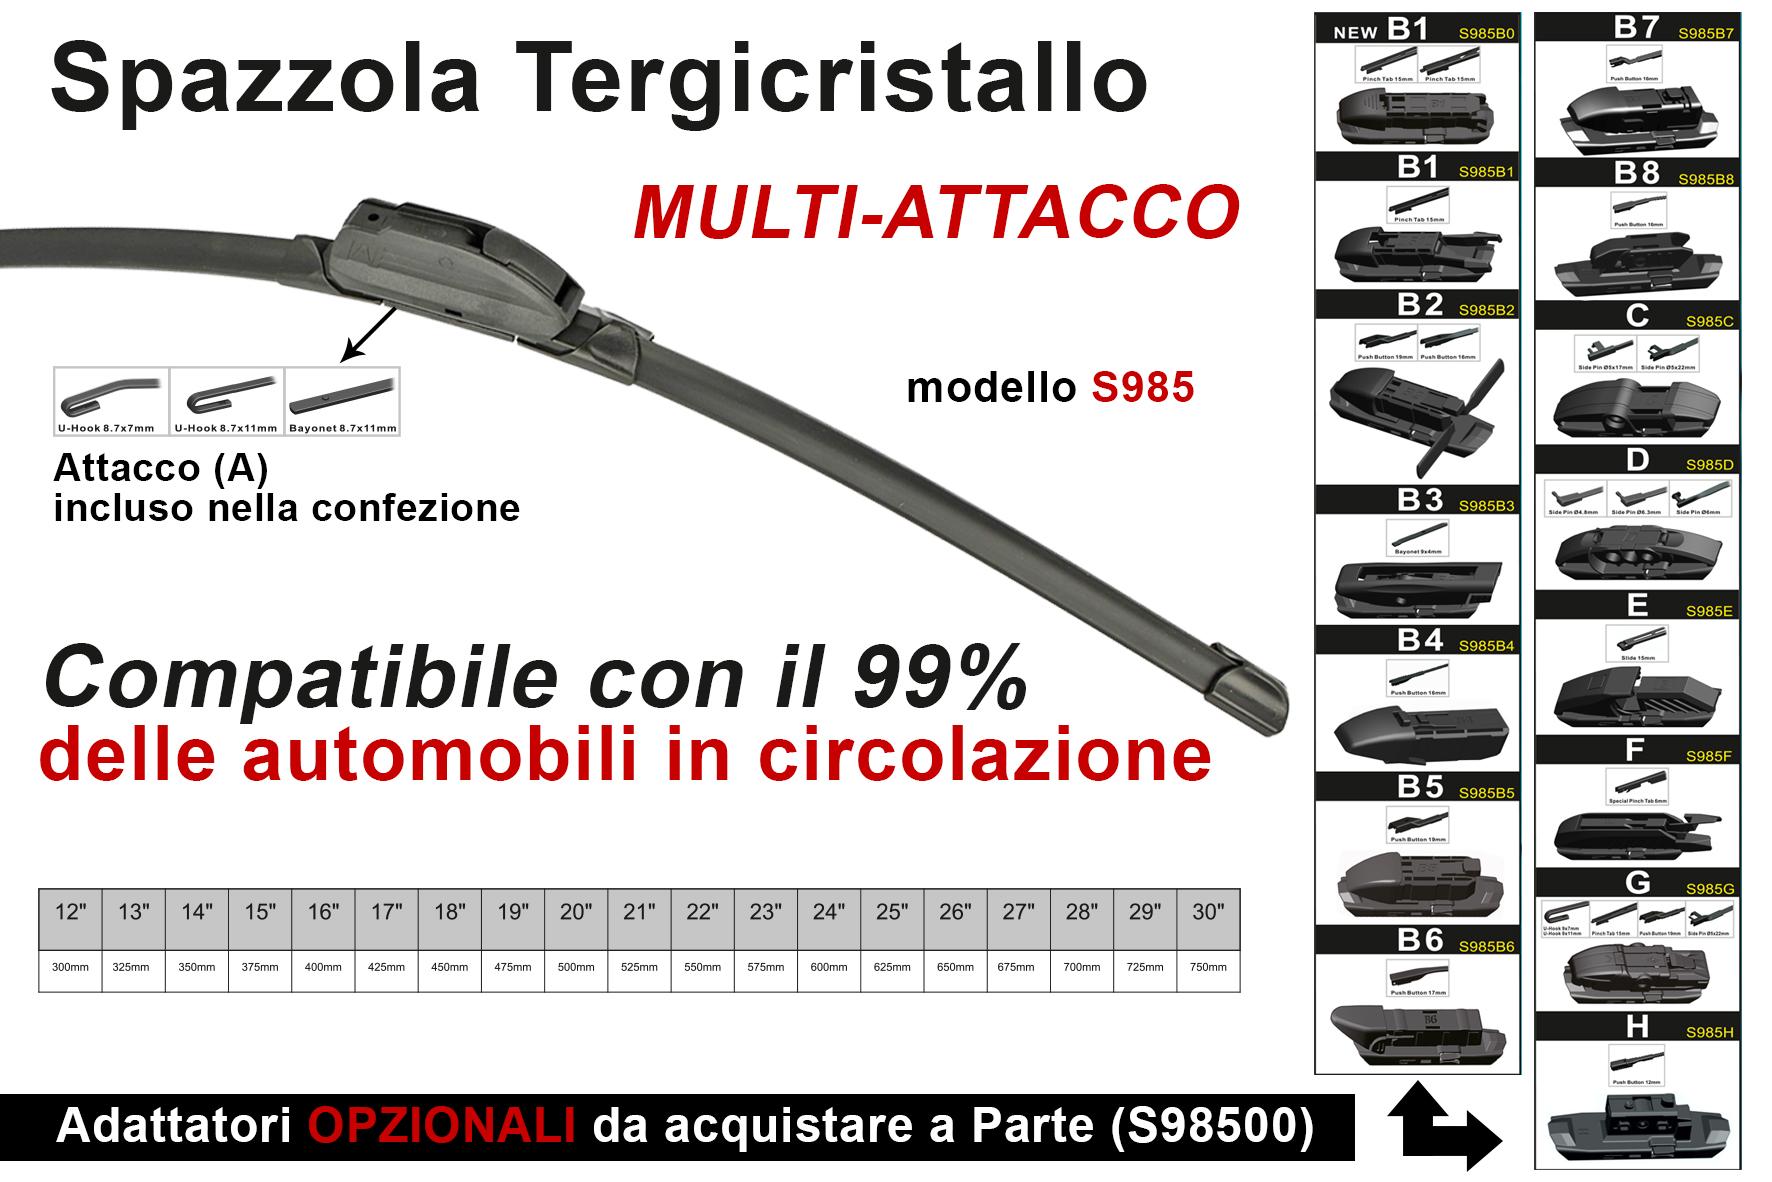 Spazzola Tergicristallo Auto Universale S985 20`` 500mm Carall 16 Attacchi Opzionale - PZ